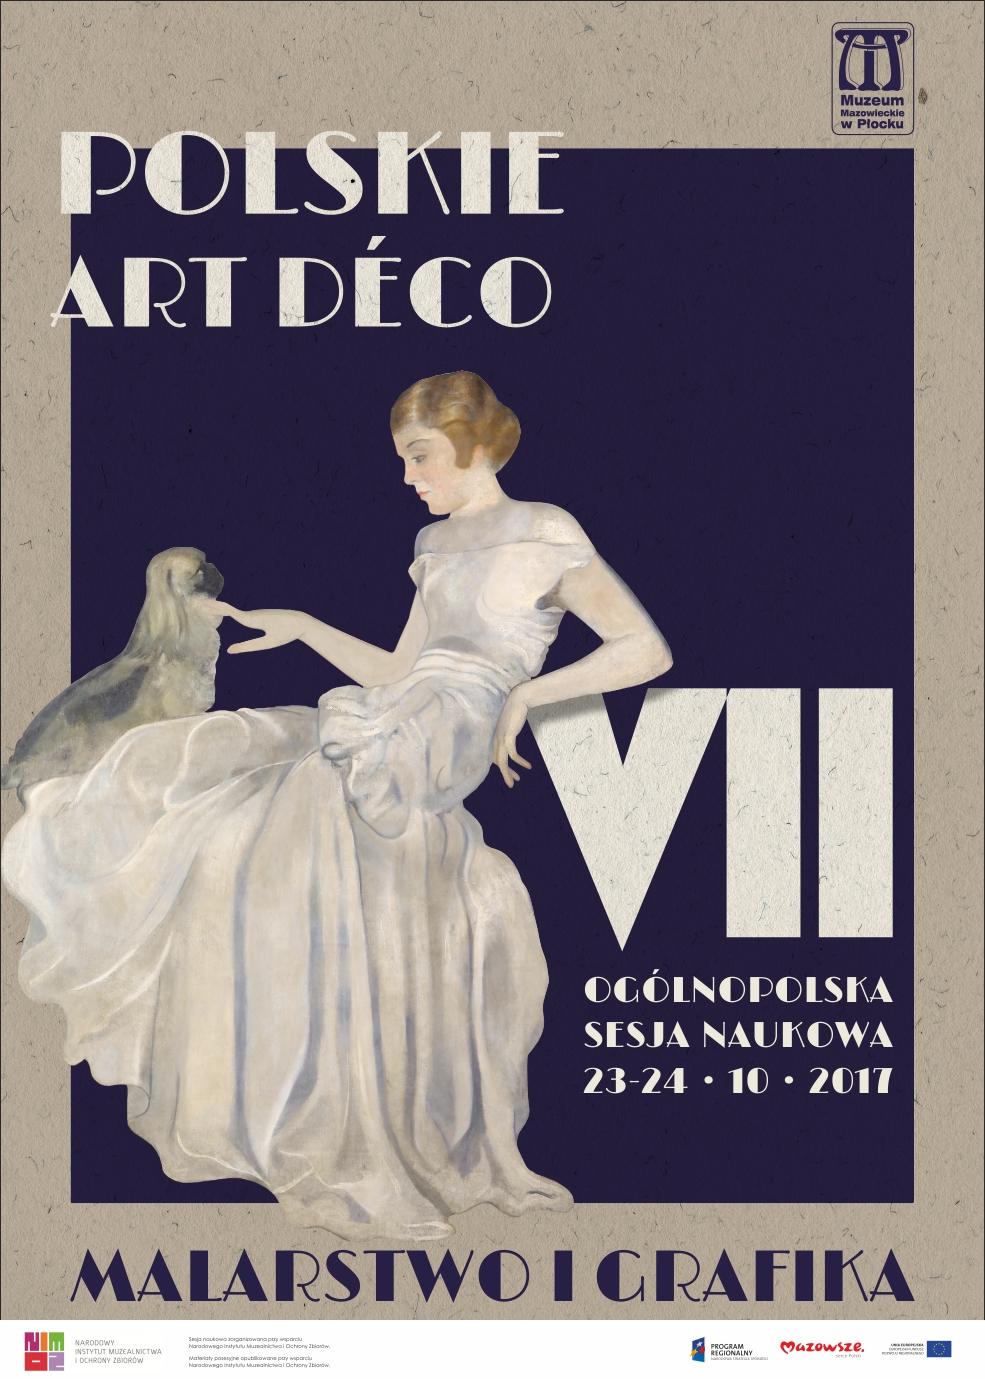 VII Ogólnopolska Sesja Naukowa Polskie Art Déco. Malarstwo i Grafika – plakat (źródło: materiały prasowe organizatora)